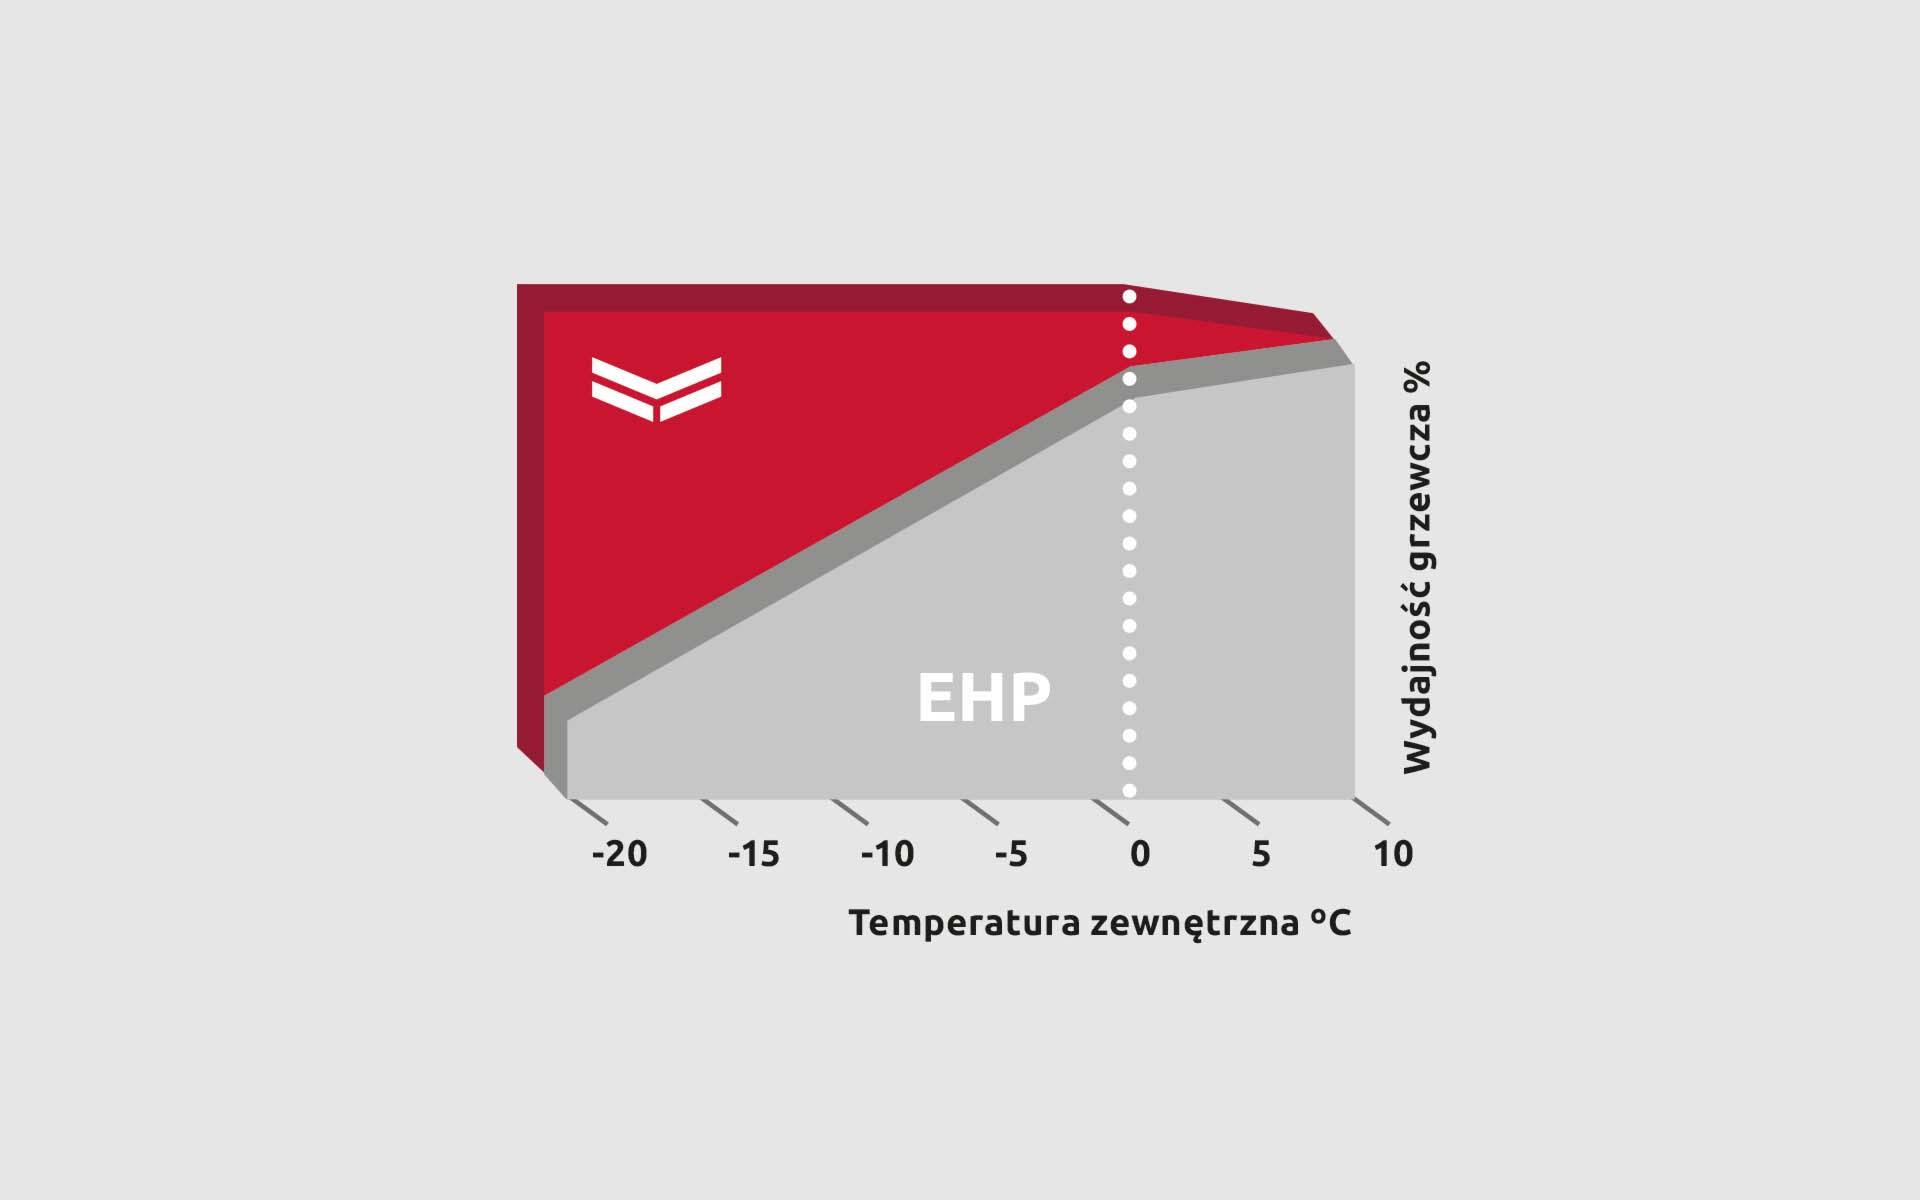 Moc grzewcza  w pełnym zakresie temperatur